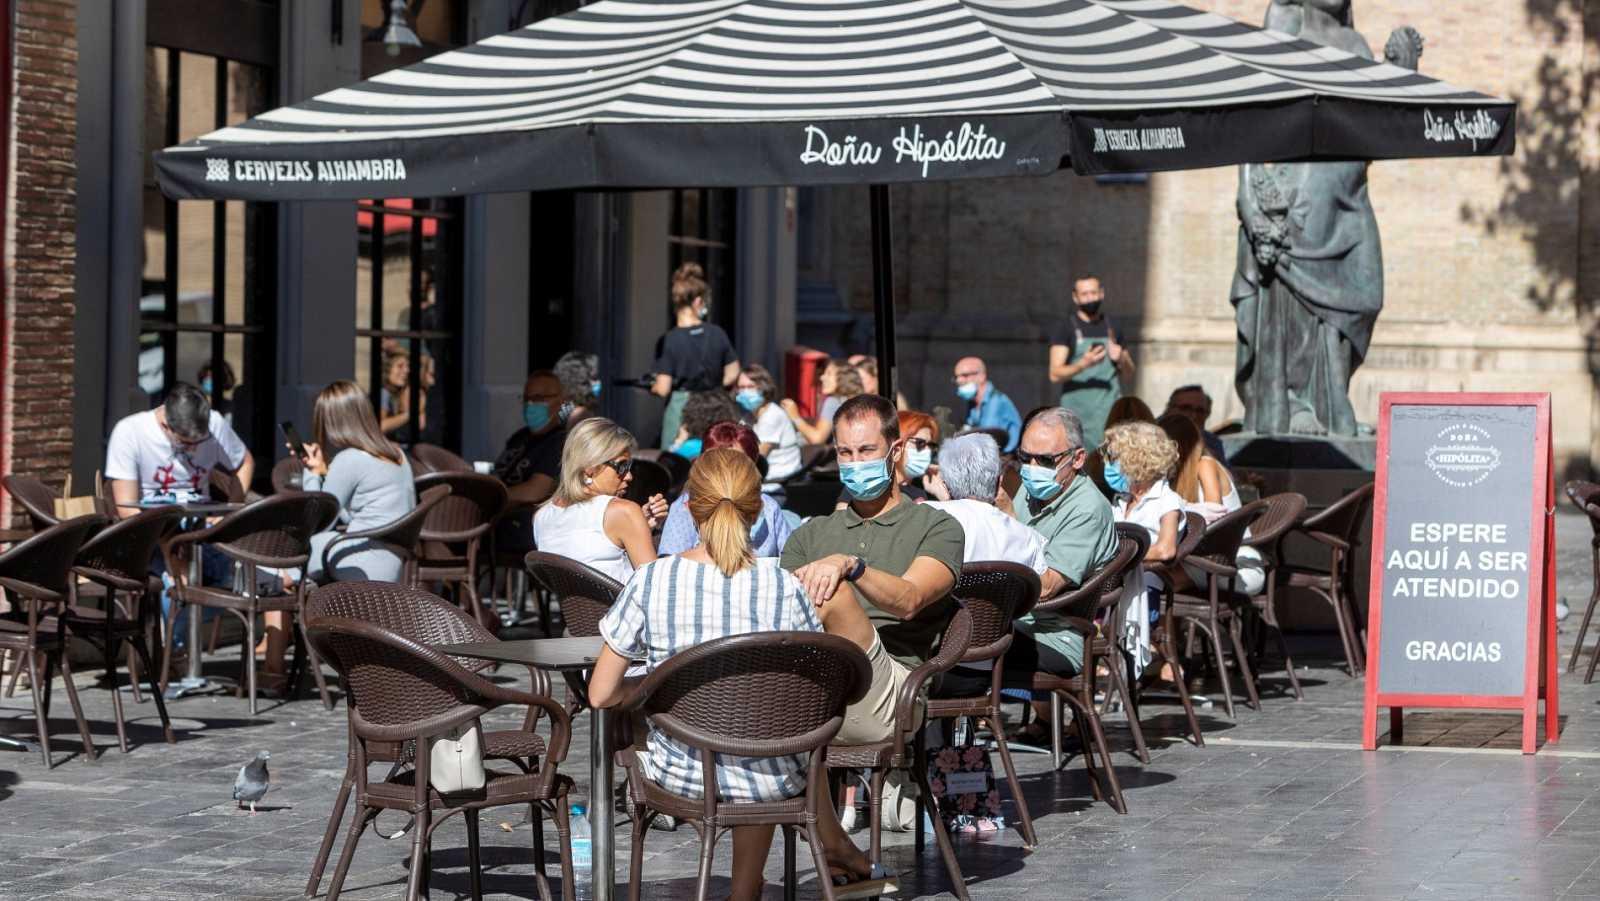 Terraza de un establecimiento en la plaza de San Felipe, en Zaragoza